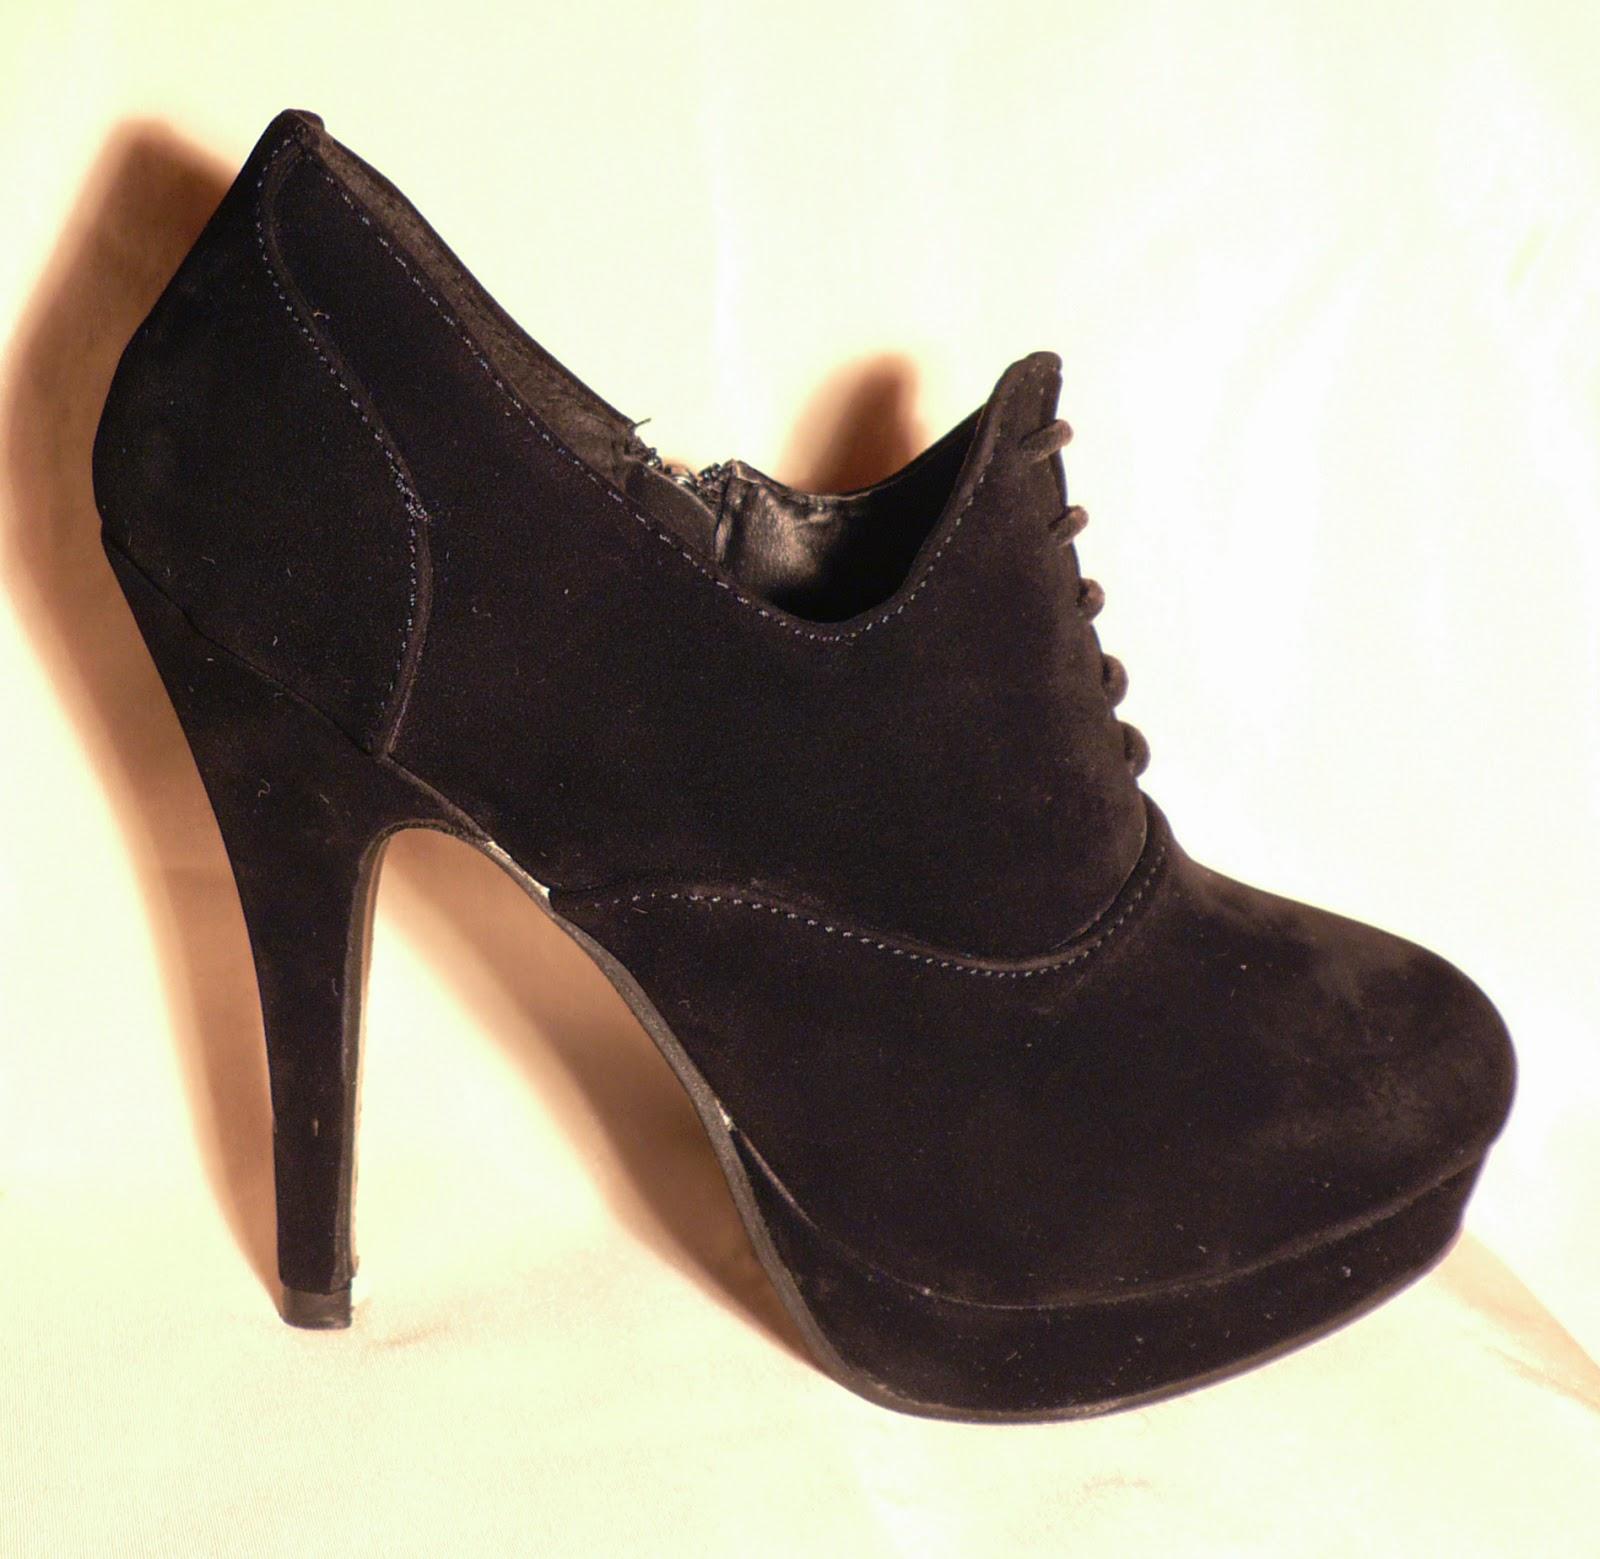 http://www.ebay.fr/itm/bottines-femme-37-38-39-40-low-boots-talons-hauts-sexy-facon-peau-de-peche-/300816759044?ssPageName=STRK:MESE:IT